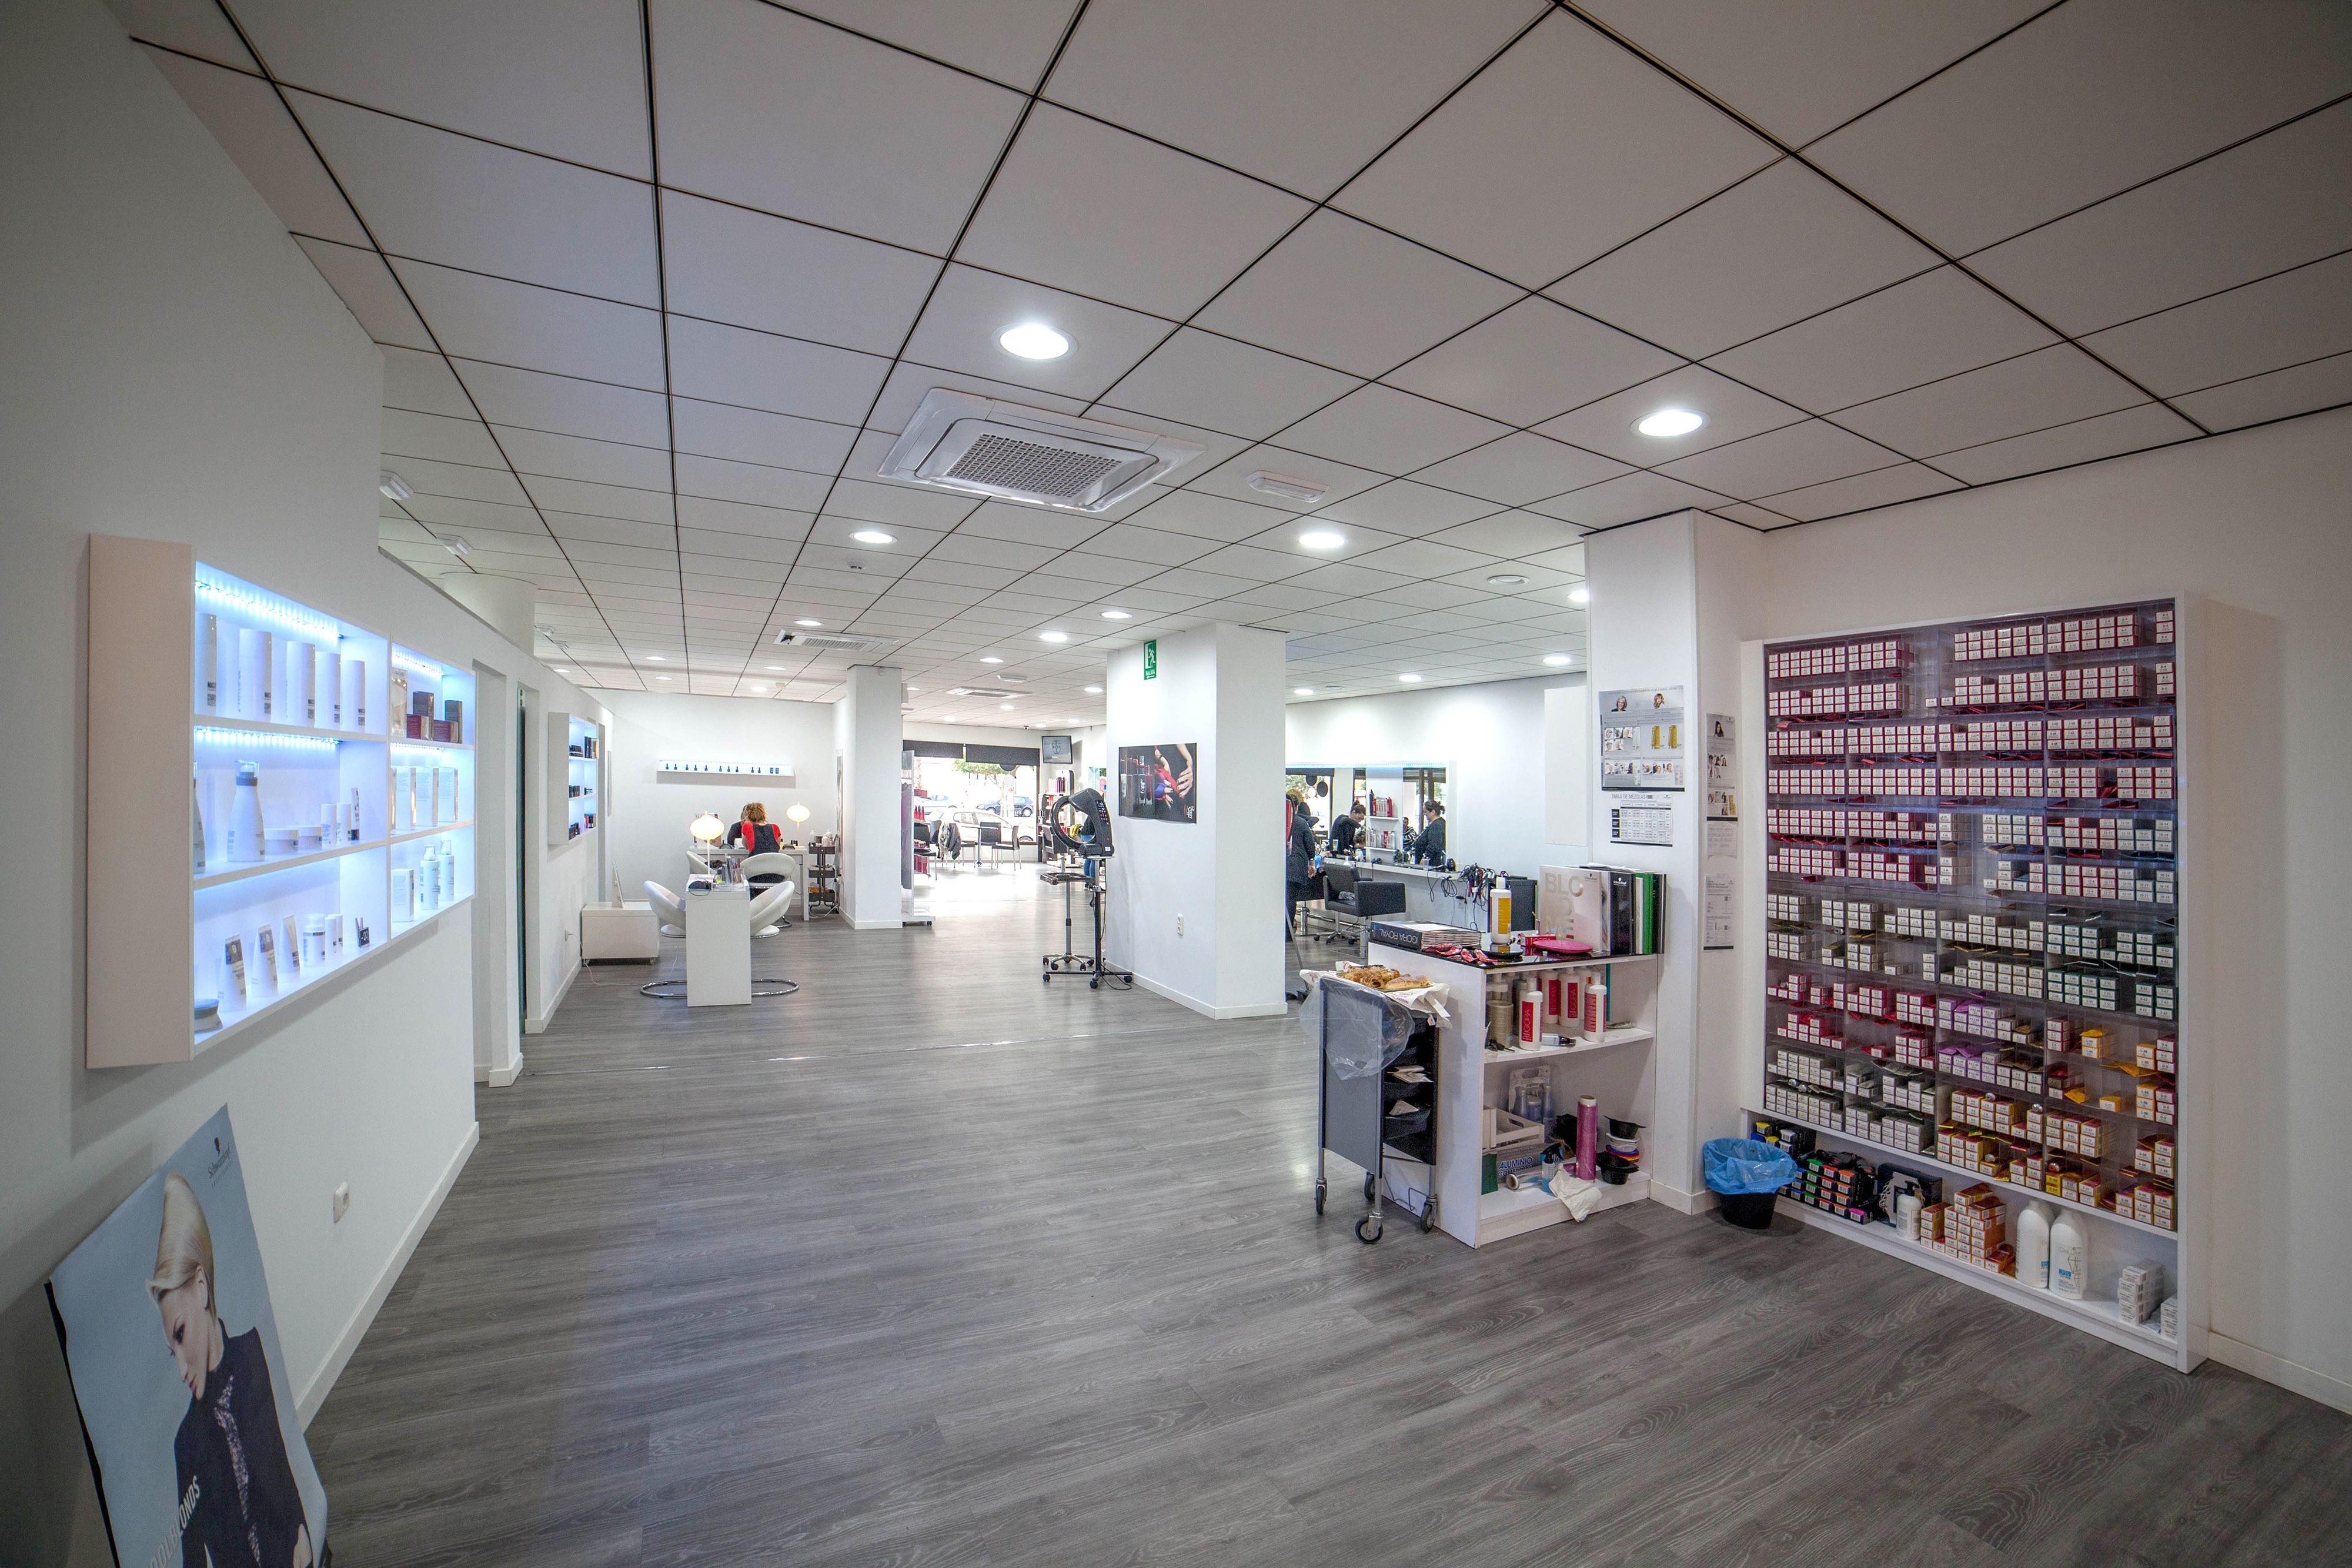 Centro de peluquería y estética unisex en Almería